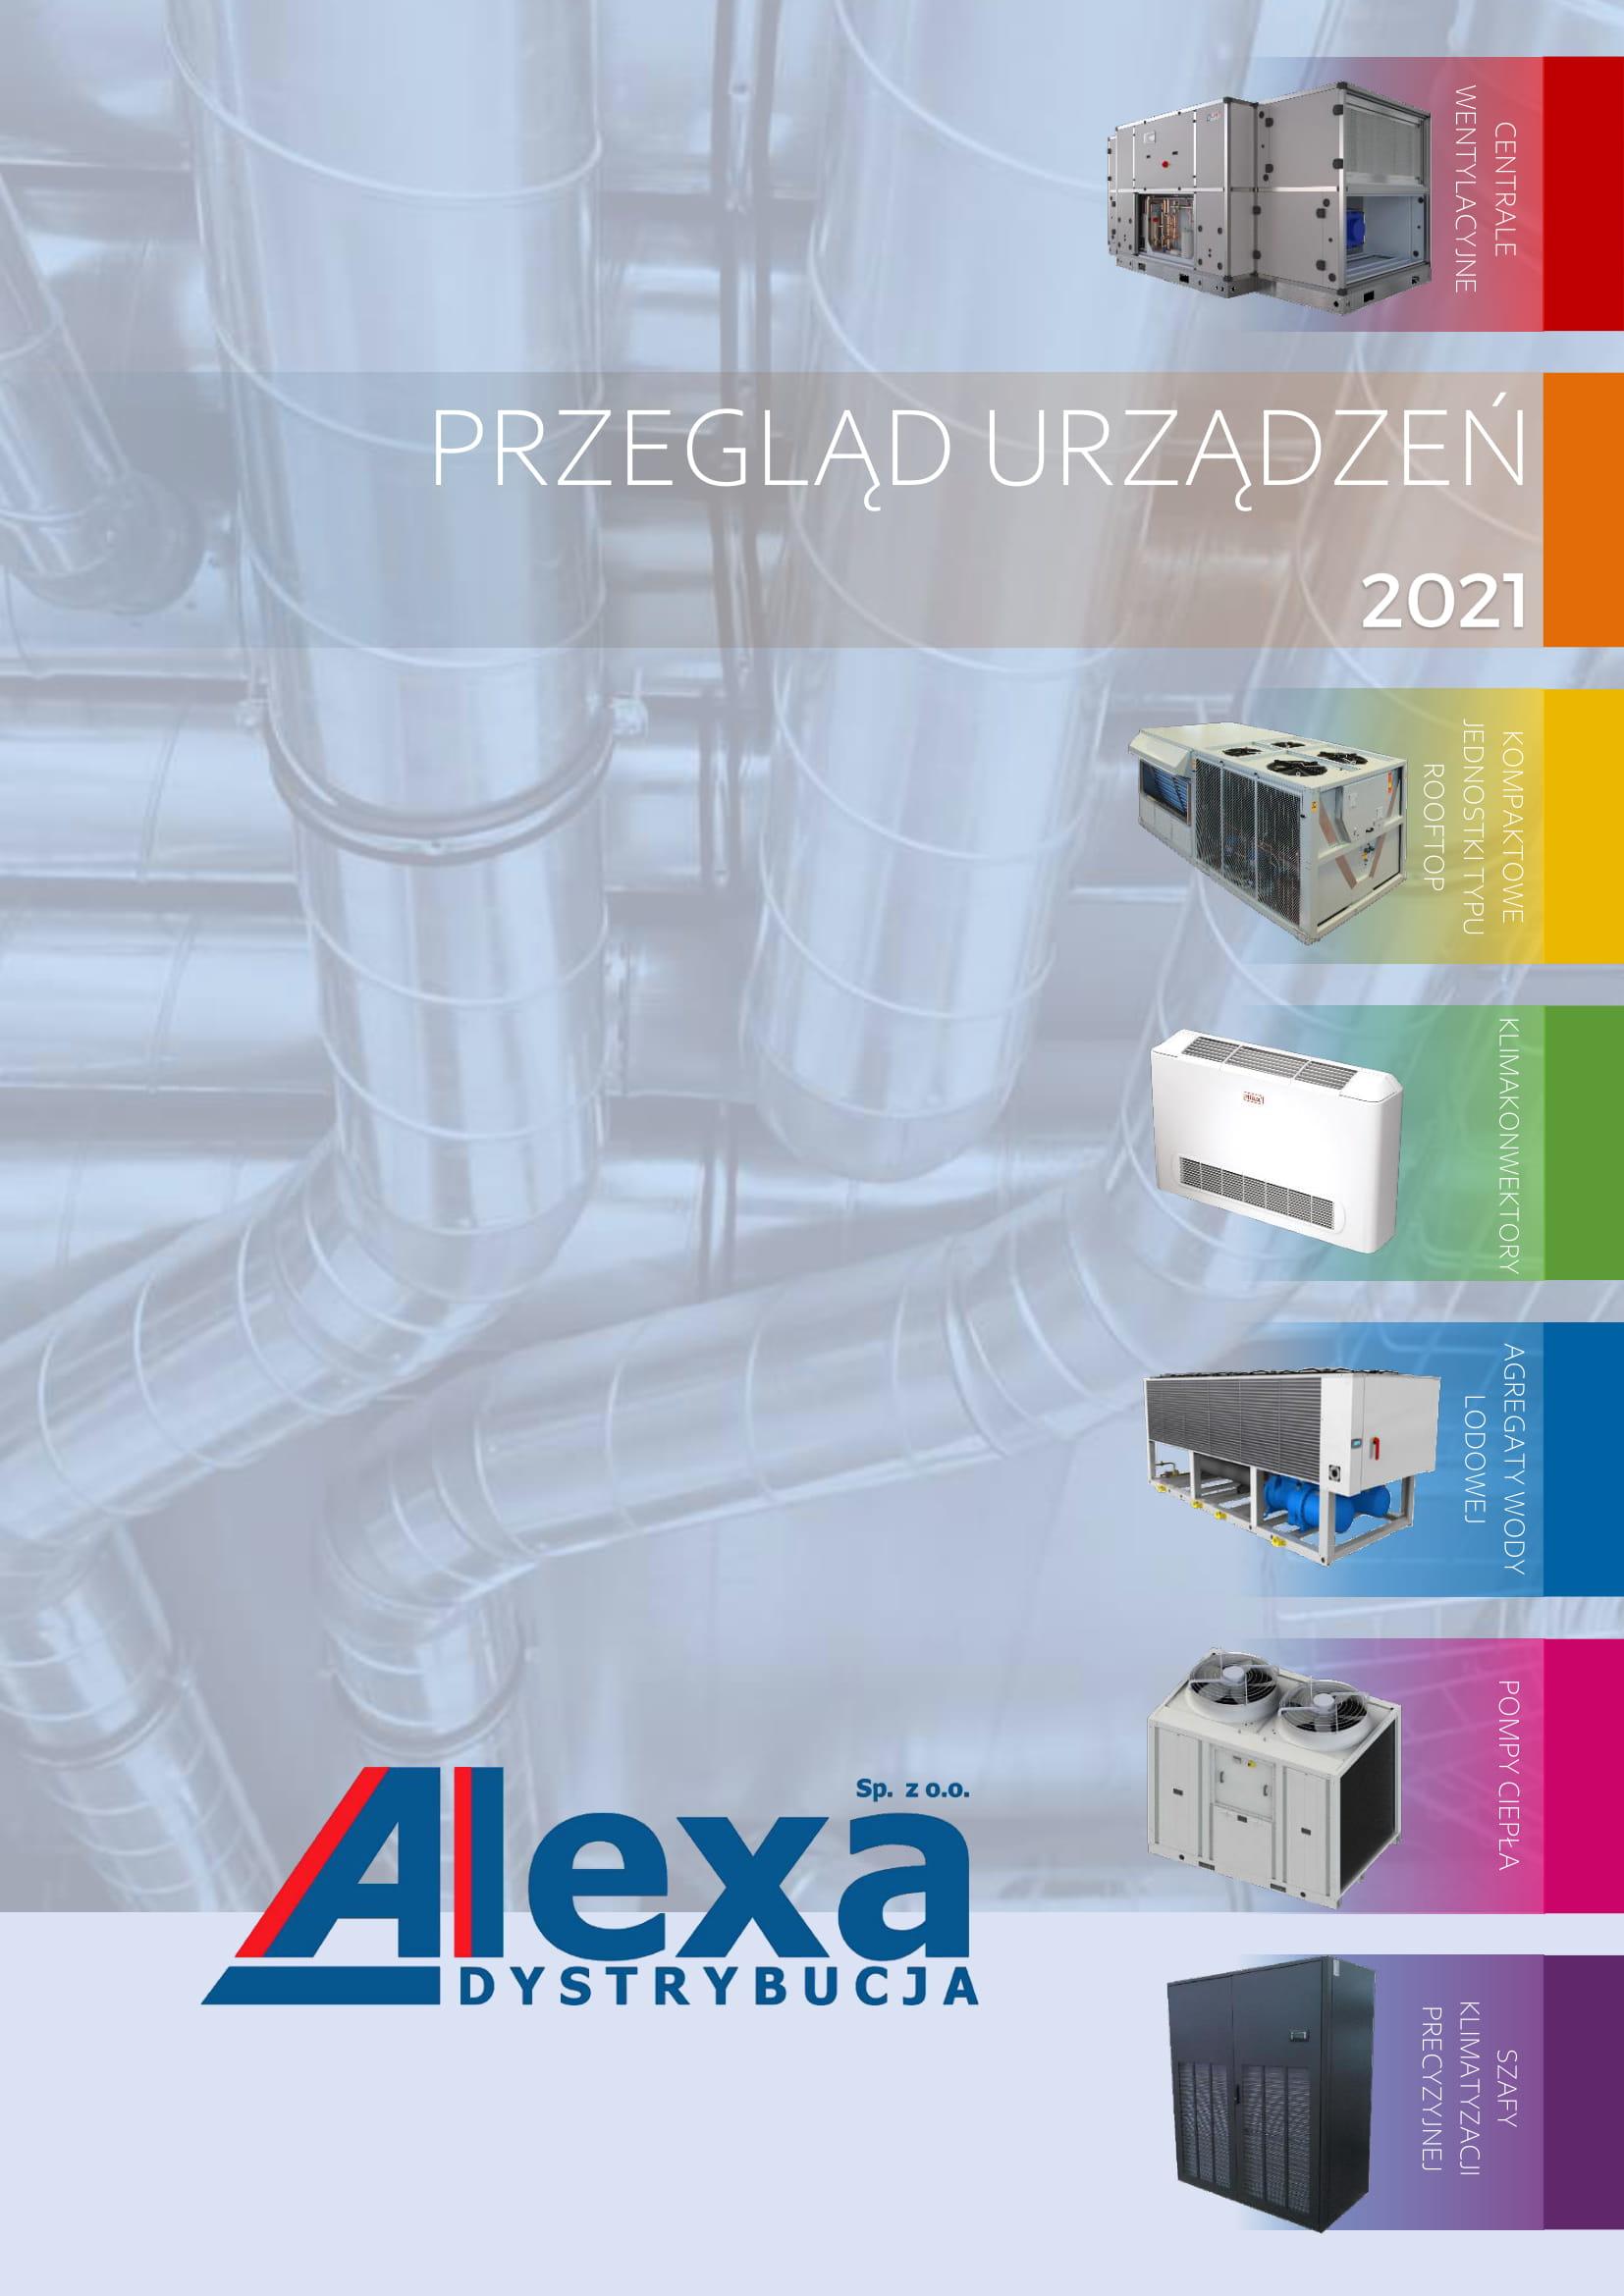 Przegląd urządzeń ALEXA 2021